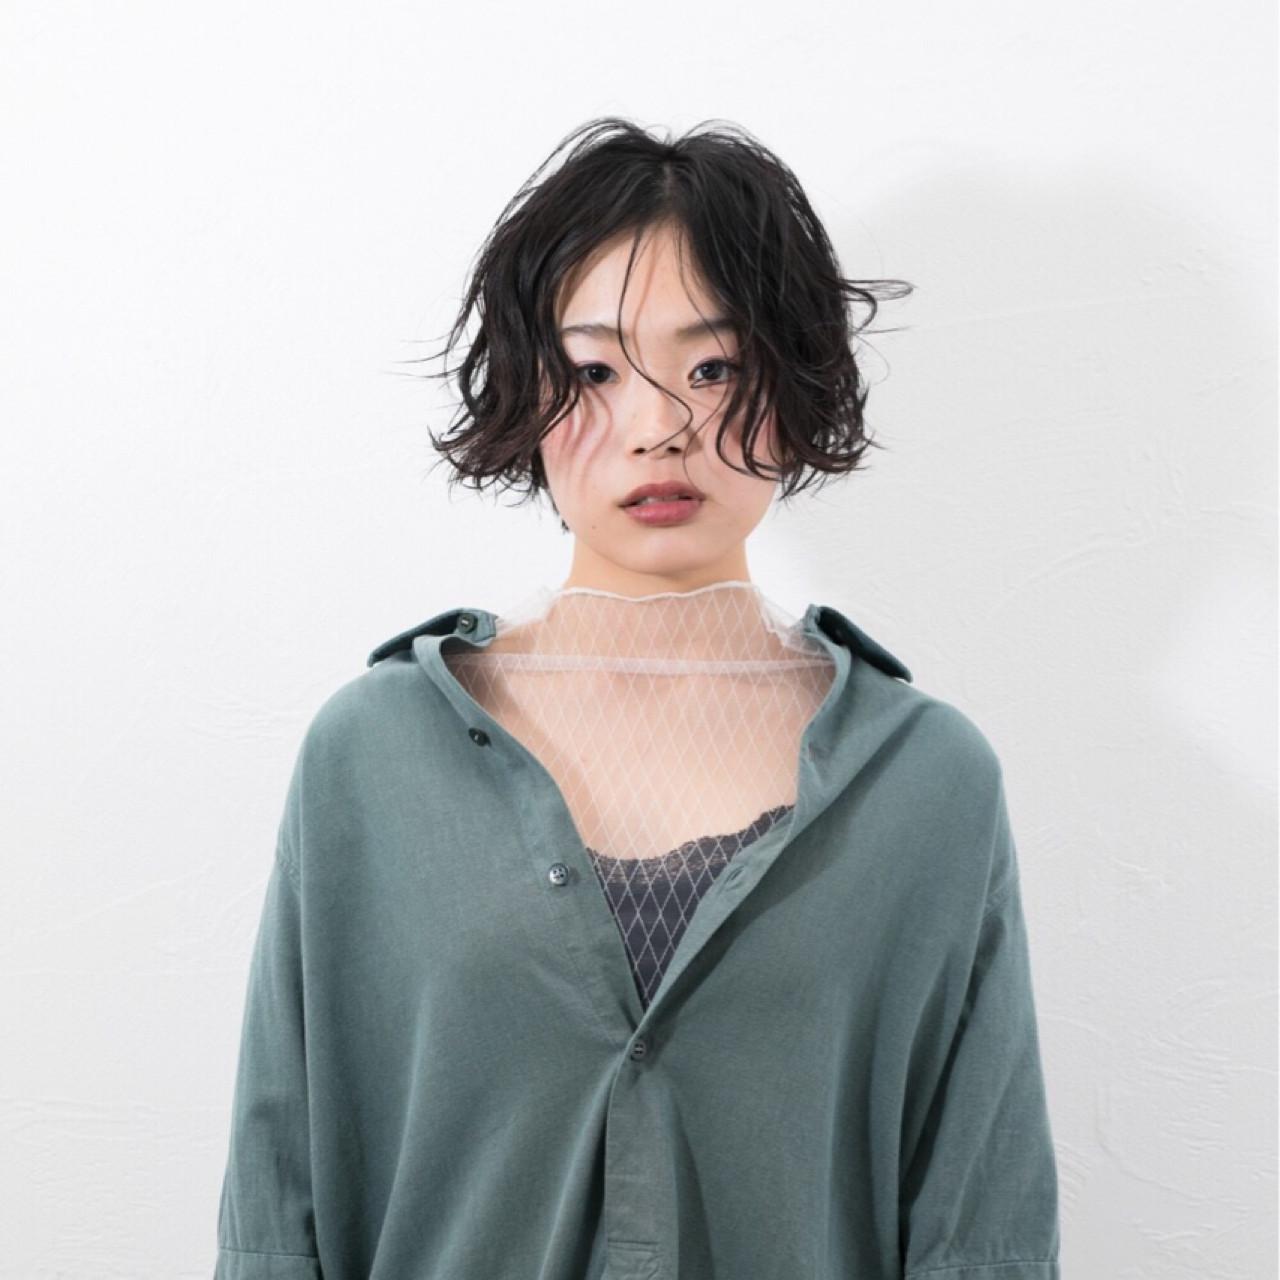 似合わせ ジェンダーレス 小顔 モード ヘアスタイルや髪型の写真・画像 | Emiko Nakanishi / MAULOA